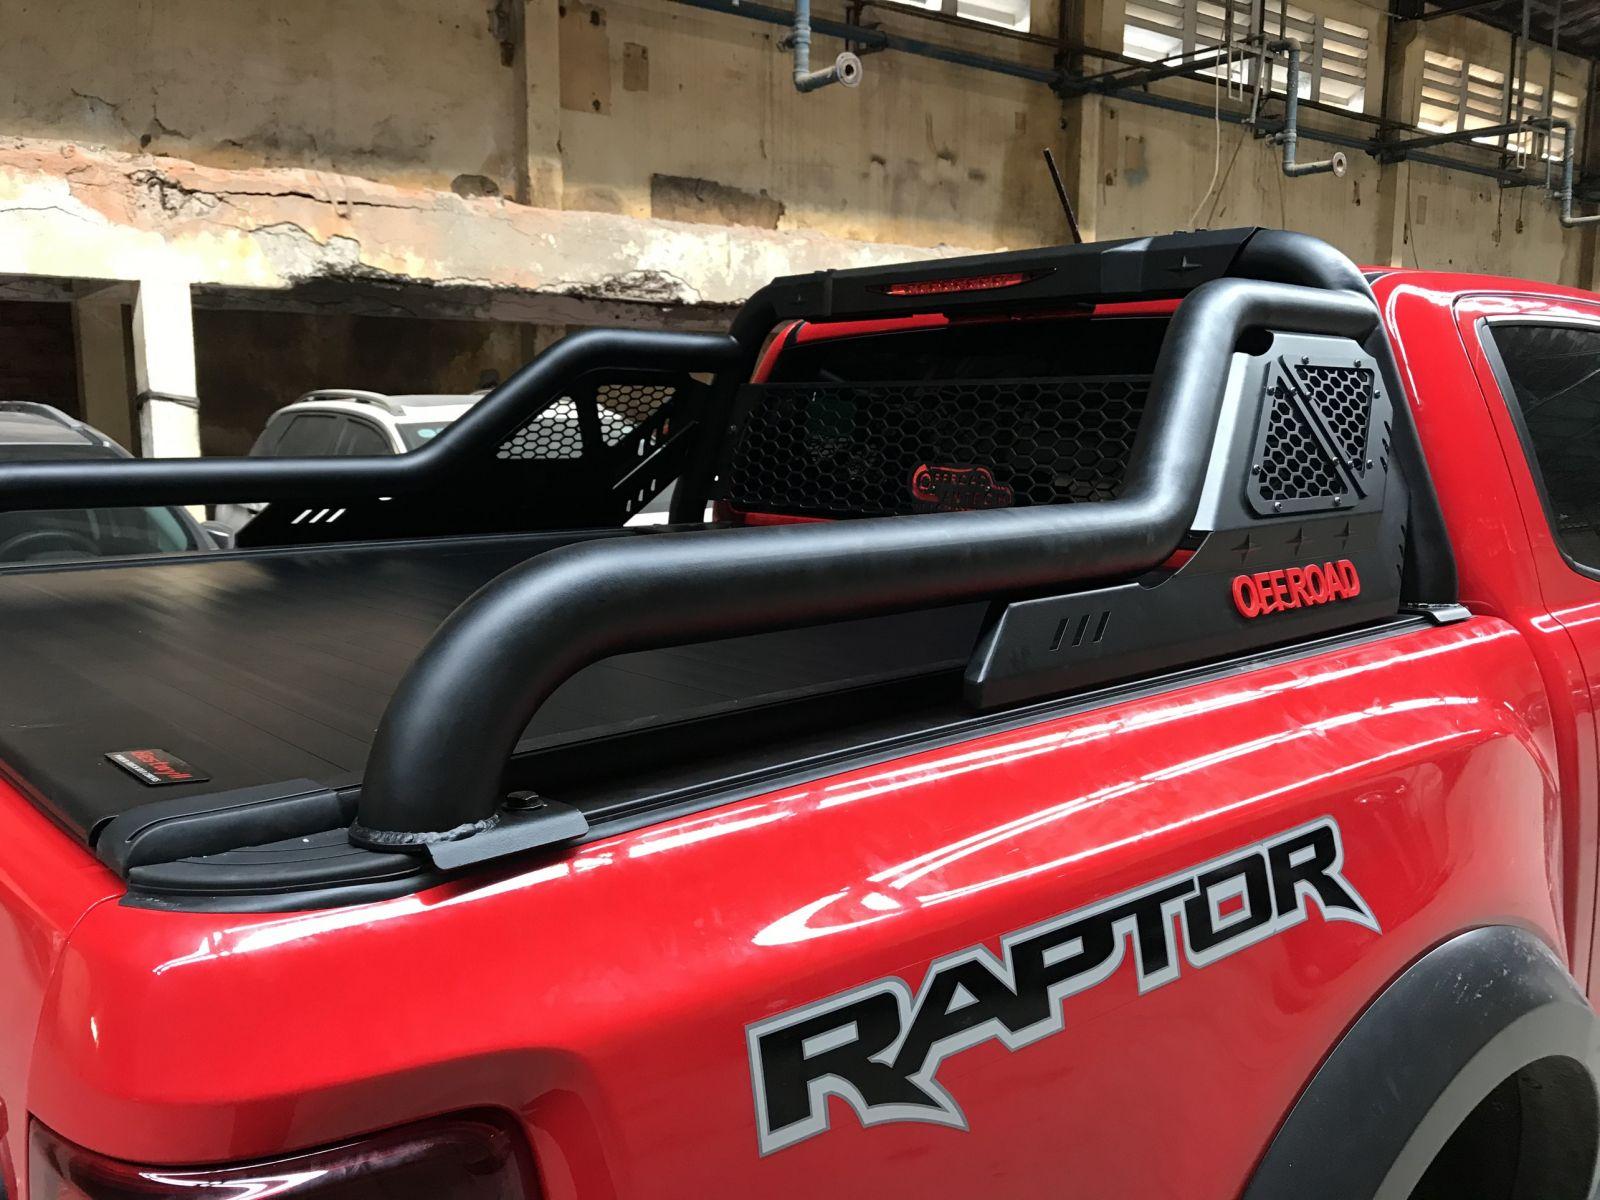 Thanh thể thao ráp kèm nắp cuộn điện Ranger Raptor